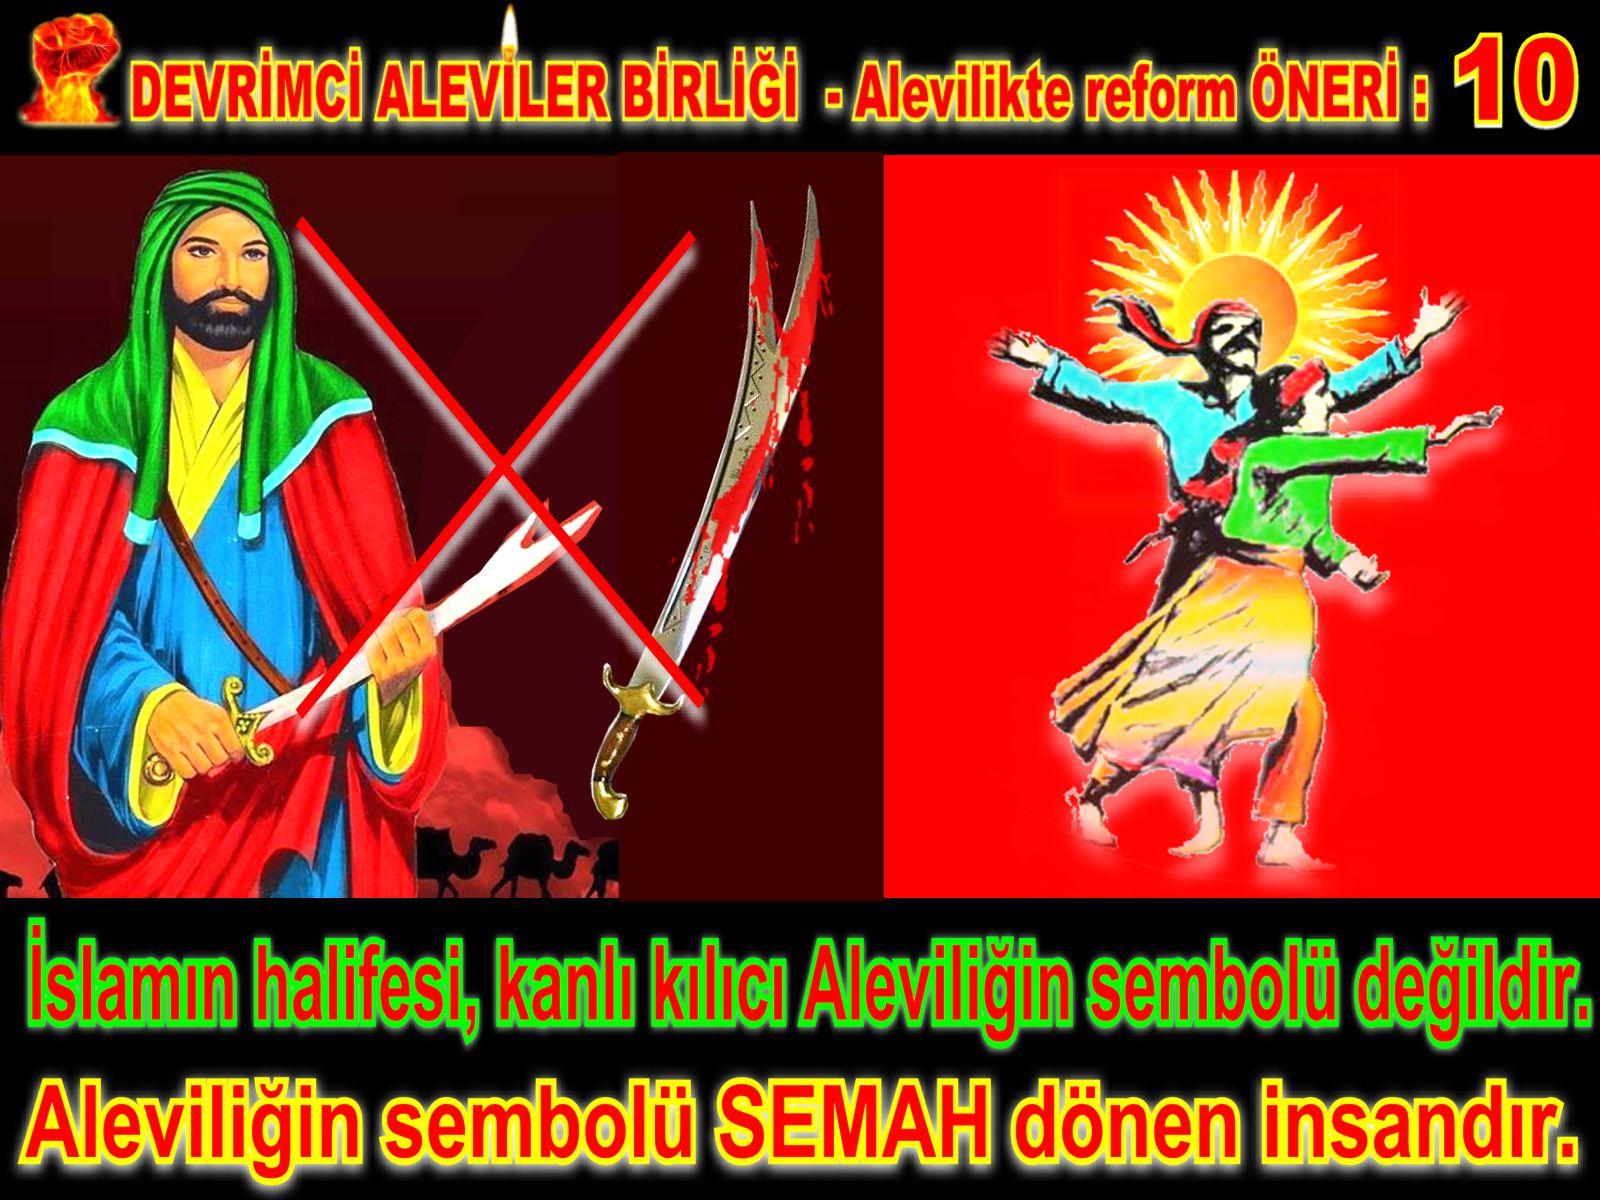 Devrimci Aleviler Birliği DAB Alevi Kızılbaş Bektaşi pir sultan cem hz Ali 12 imam semah Feramuz Şah Acar REFOM oneri10